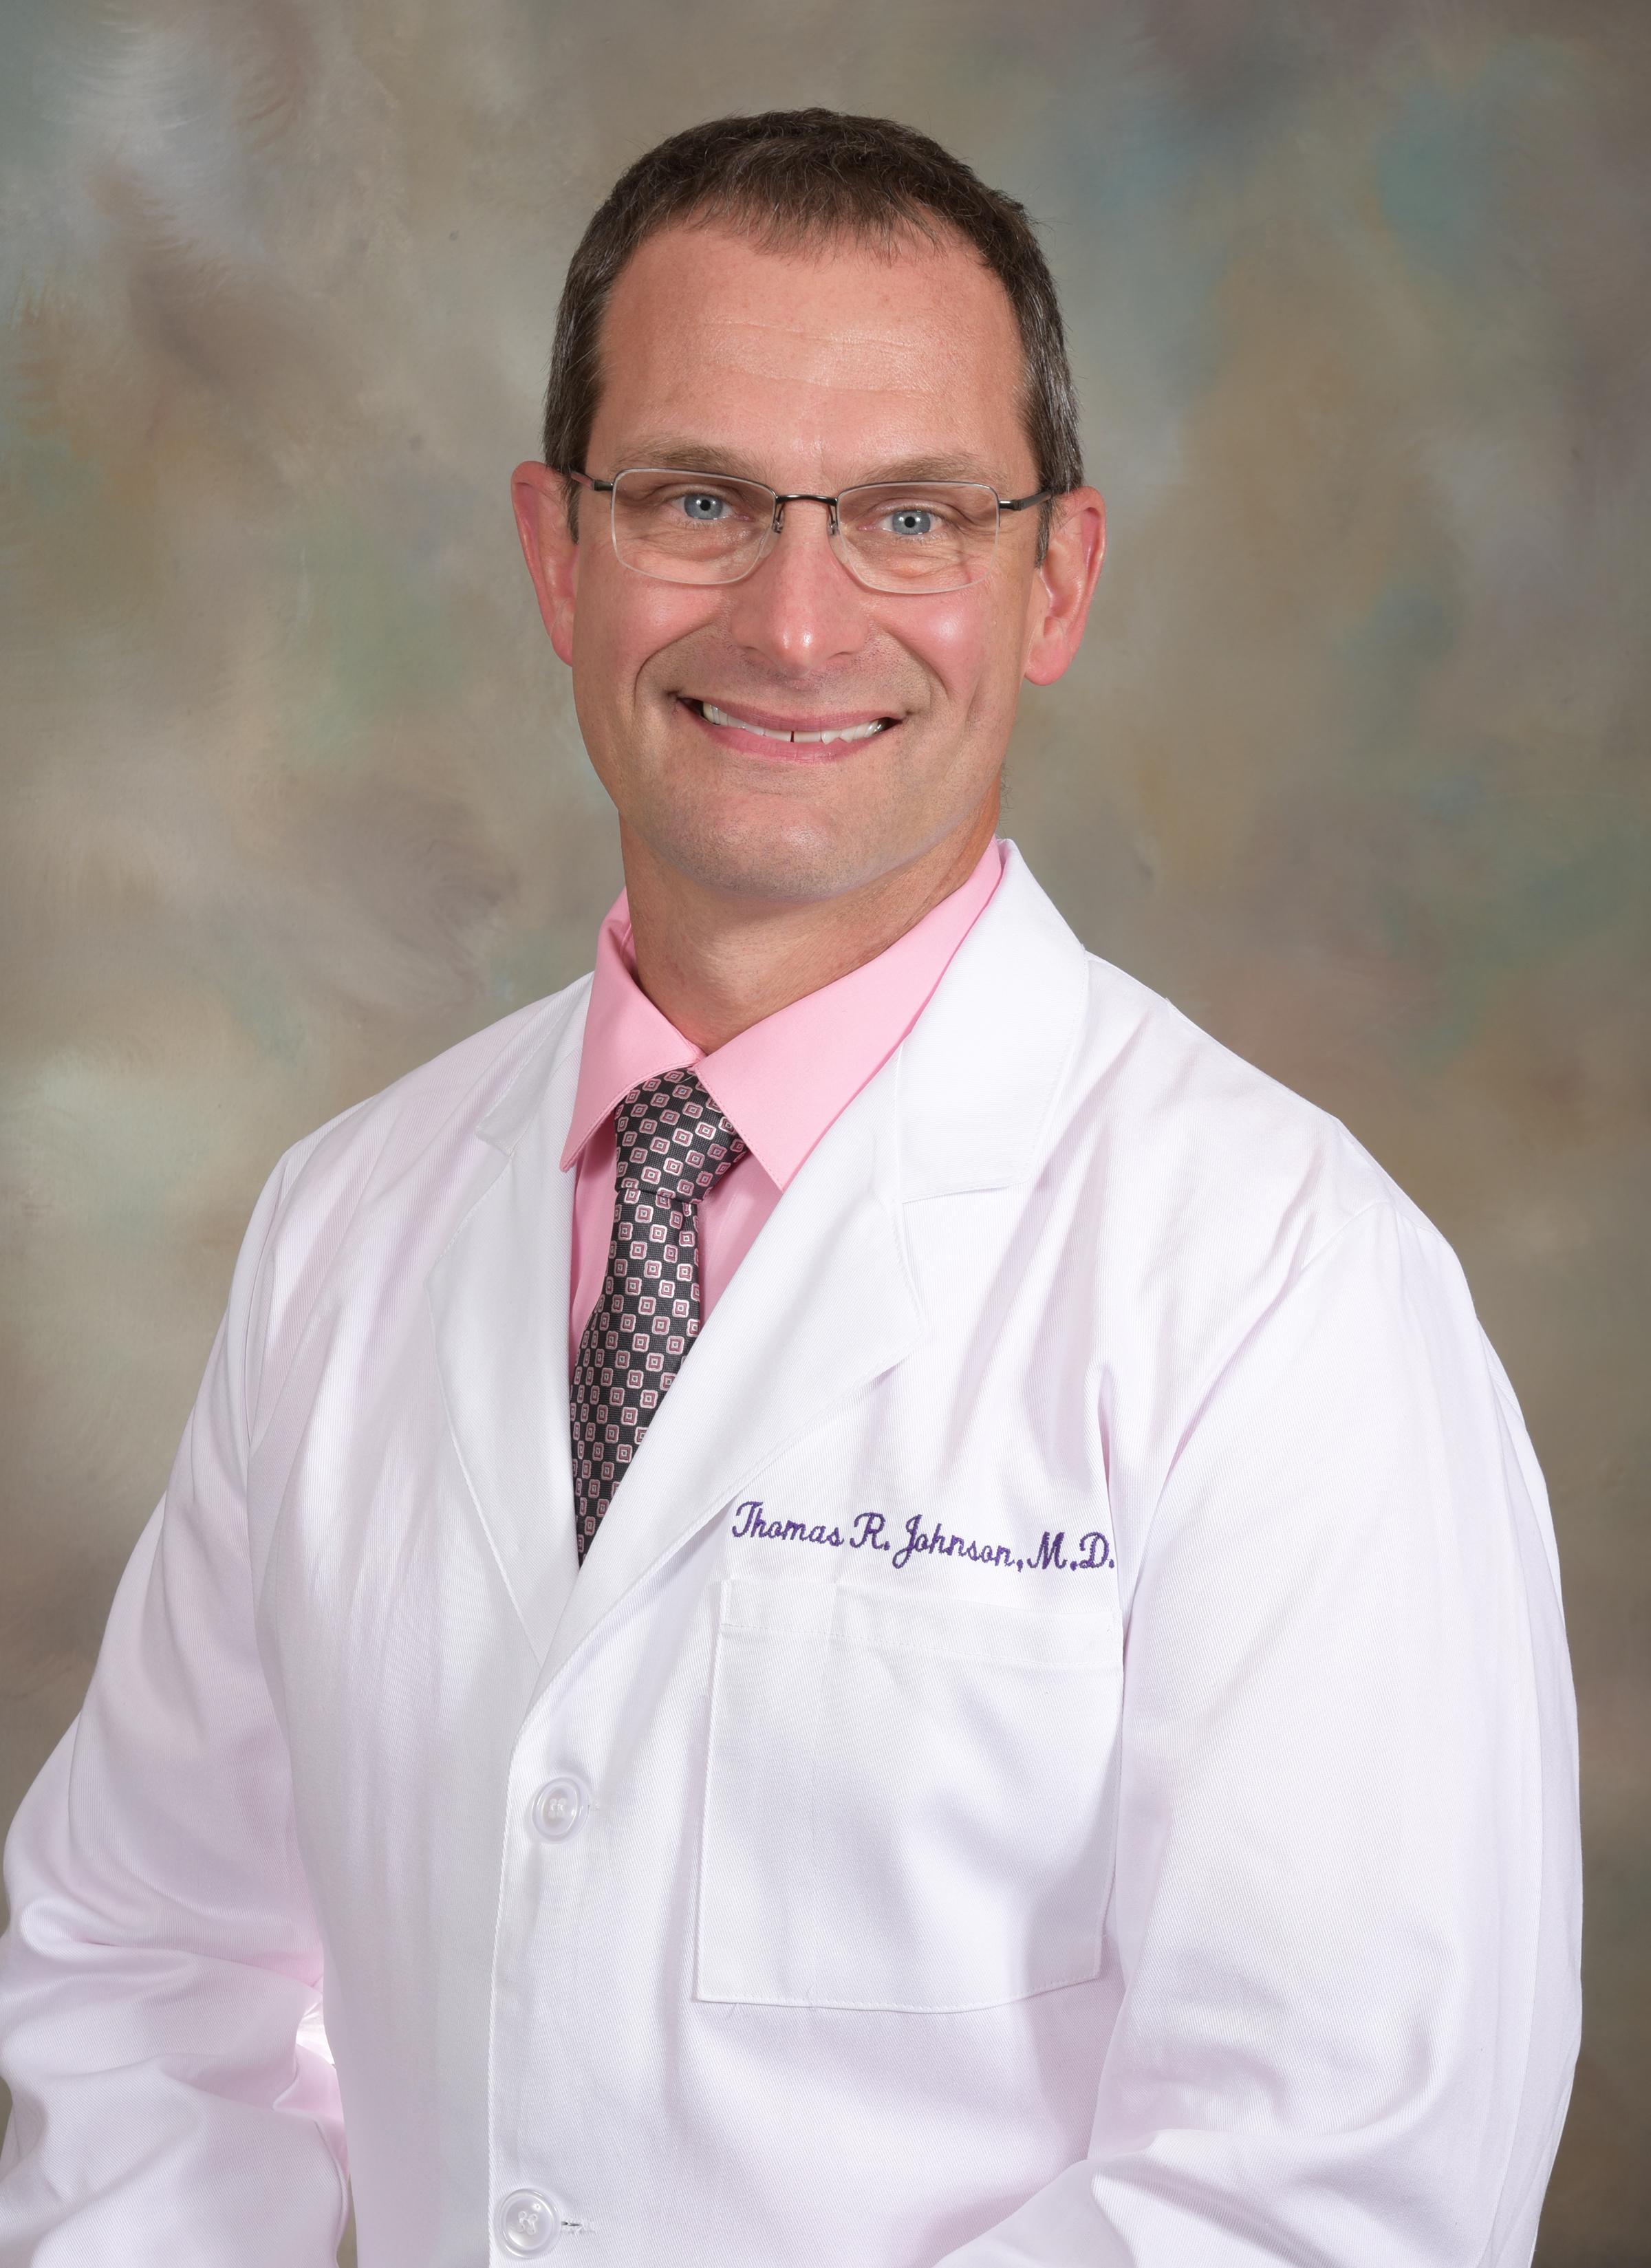 Thomas R. Johnson, MD